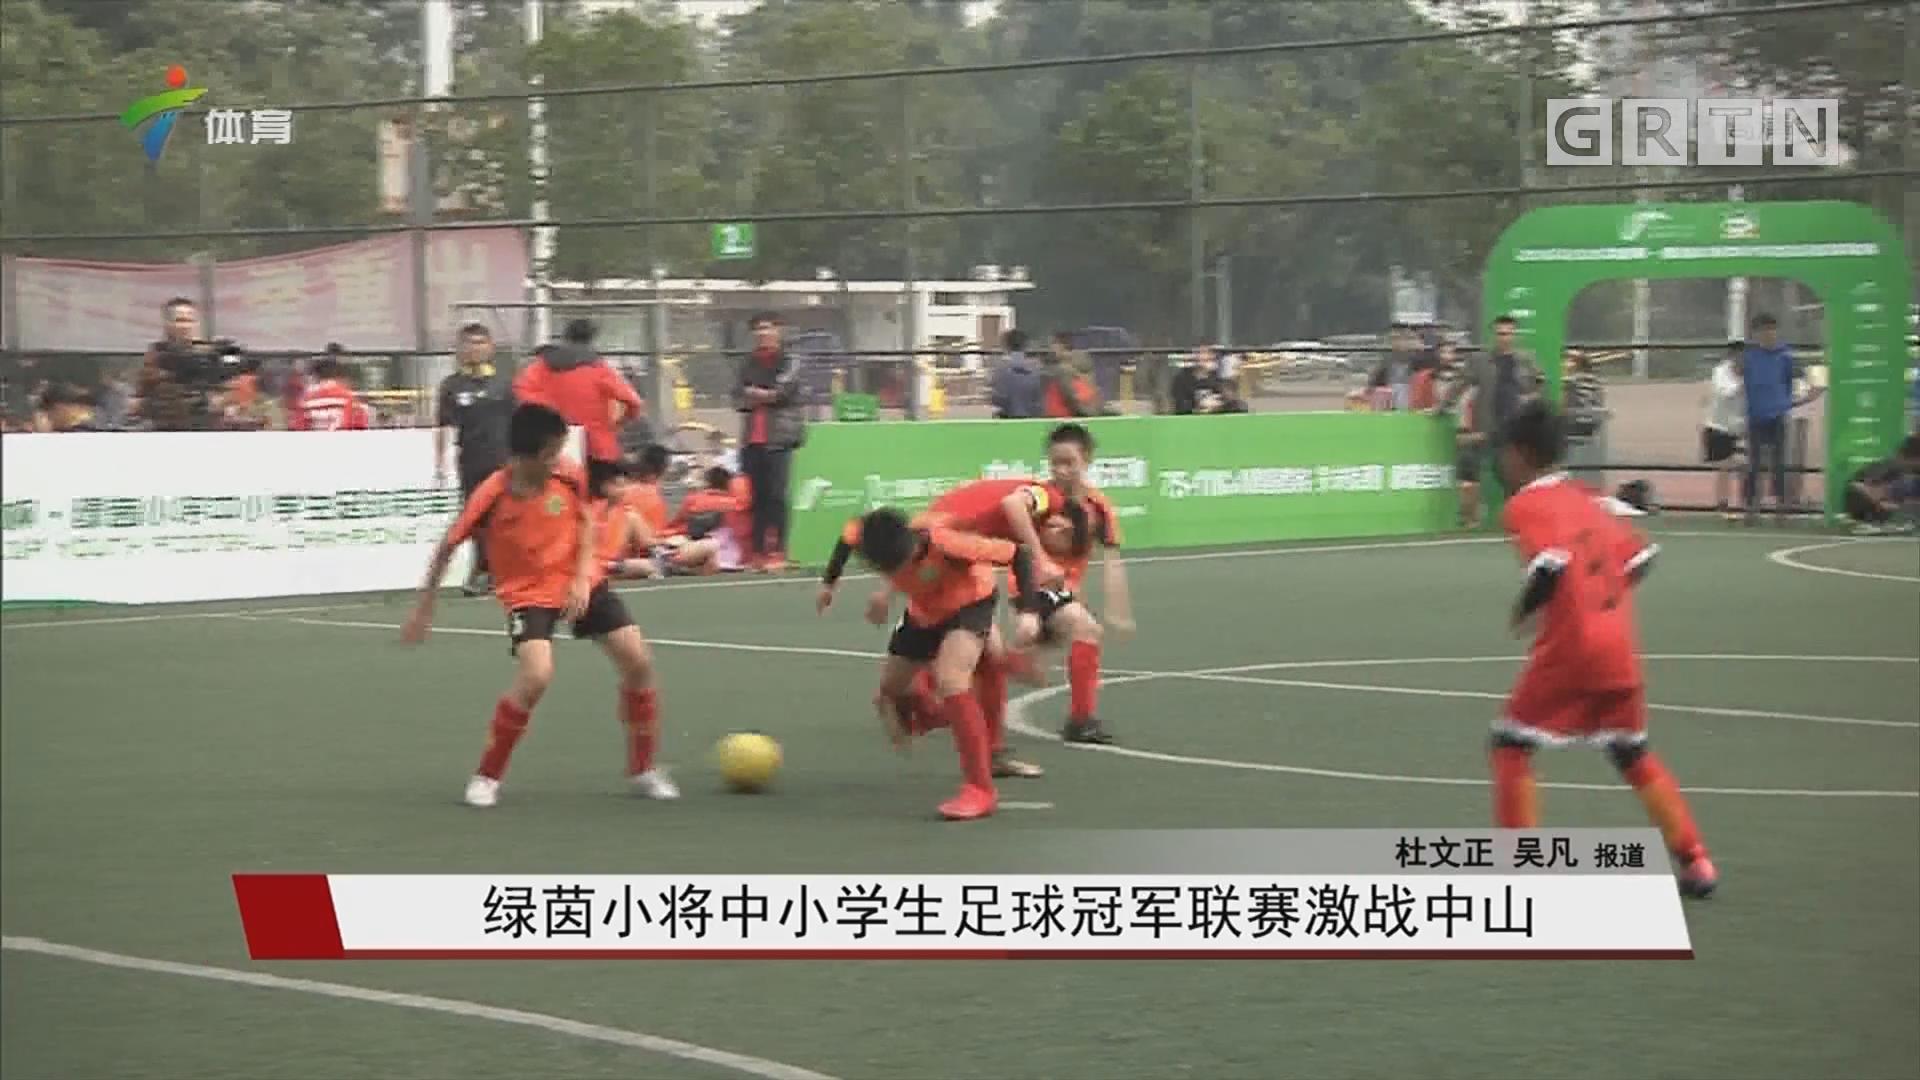 绿茵小将中小学生足球冠军联赛激战中山